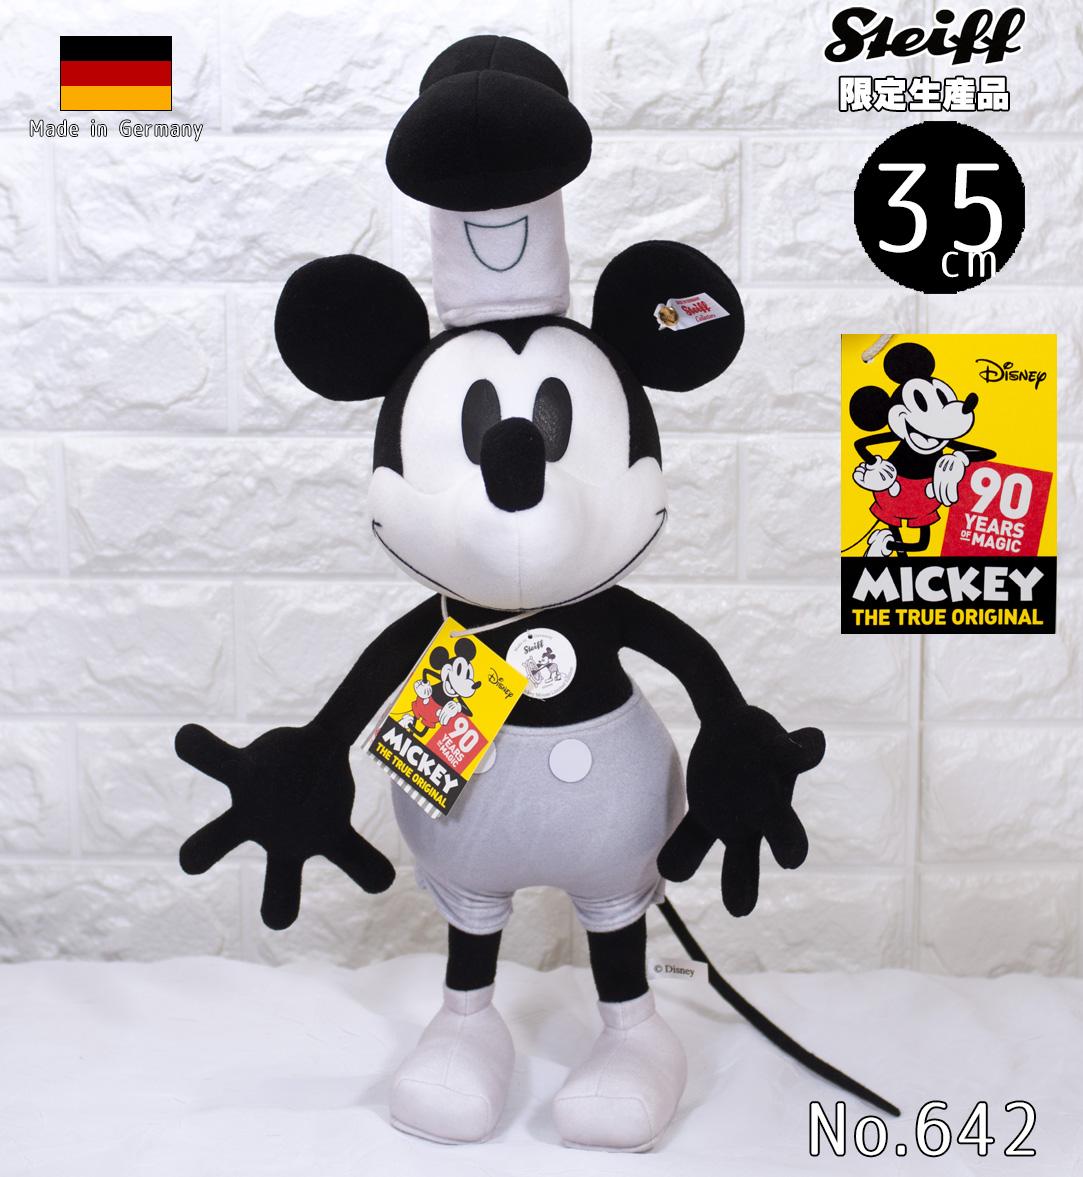 シュタイフ(steiff) ミッキーマウス誕生90周年蒸気船ウィリーミッキーマウス 35cm Steiff Disney Mickey Mouse Steamboat Willie